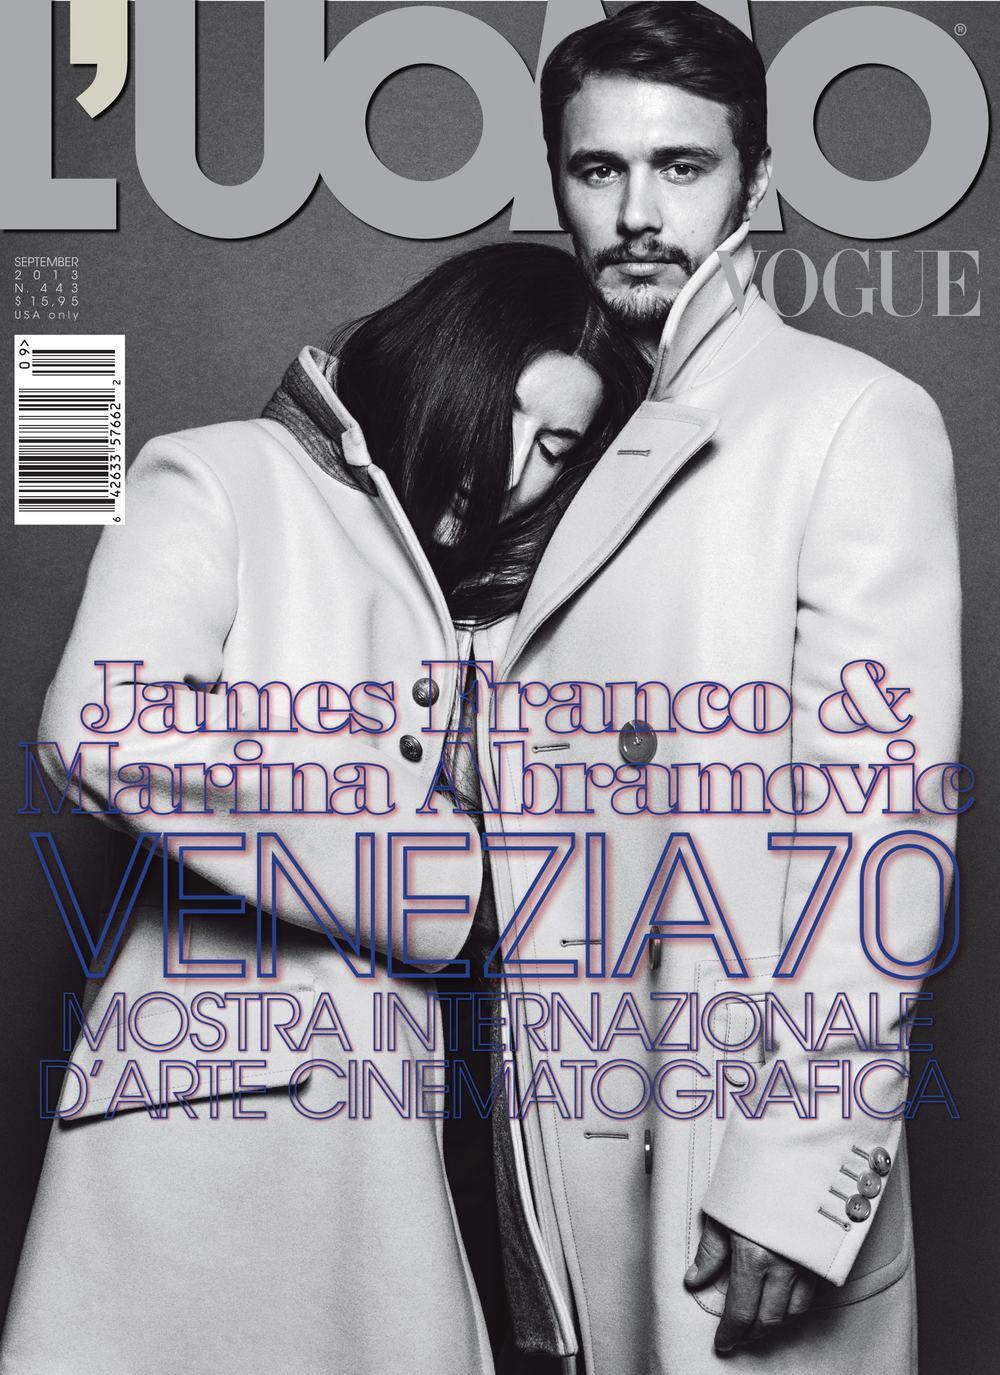 MARINA ABRAMOVIC & JAMES FRANCO